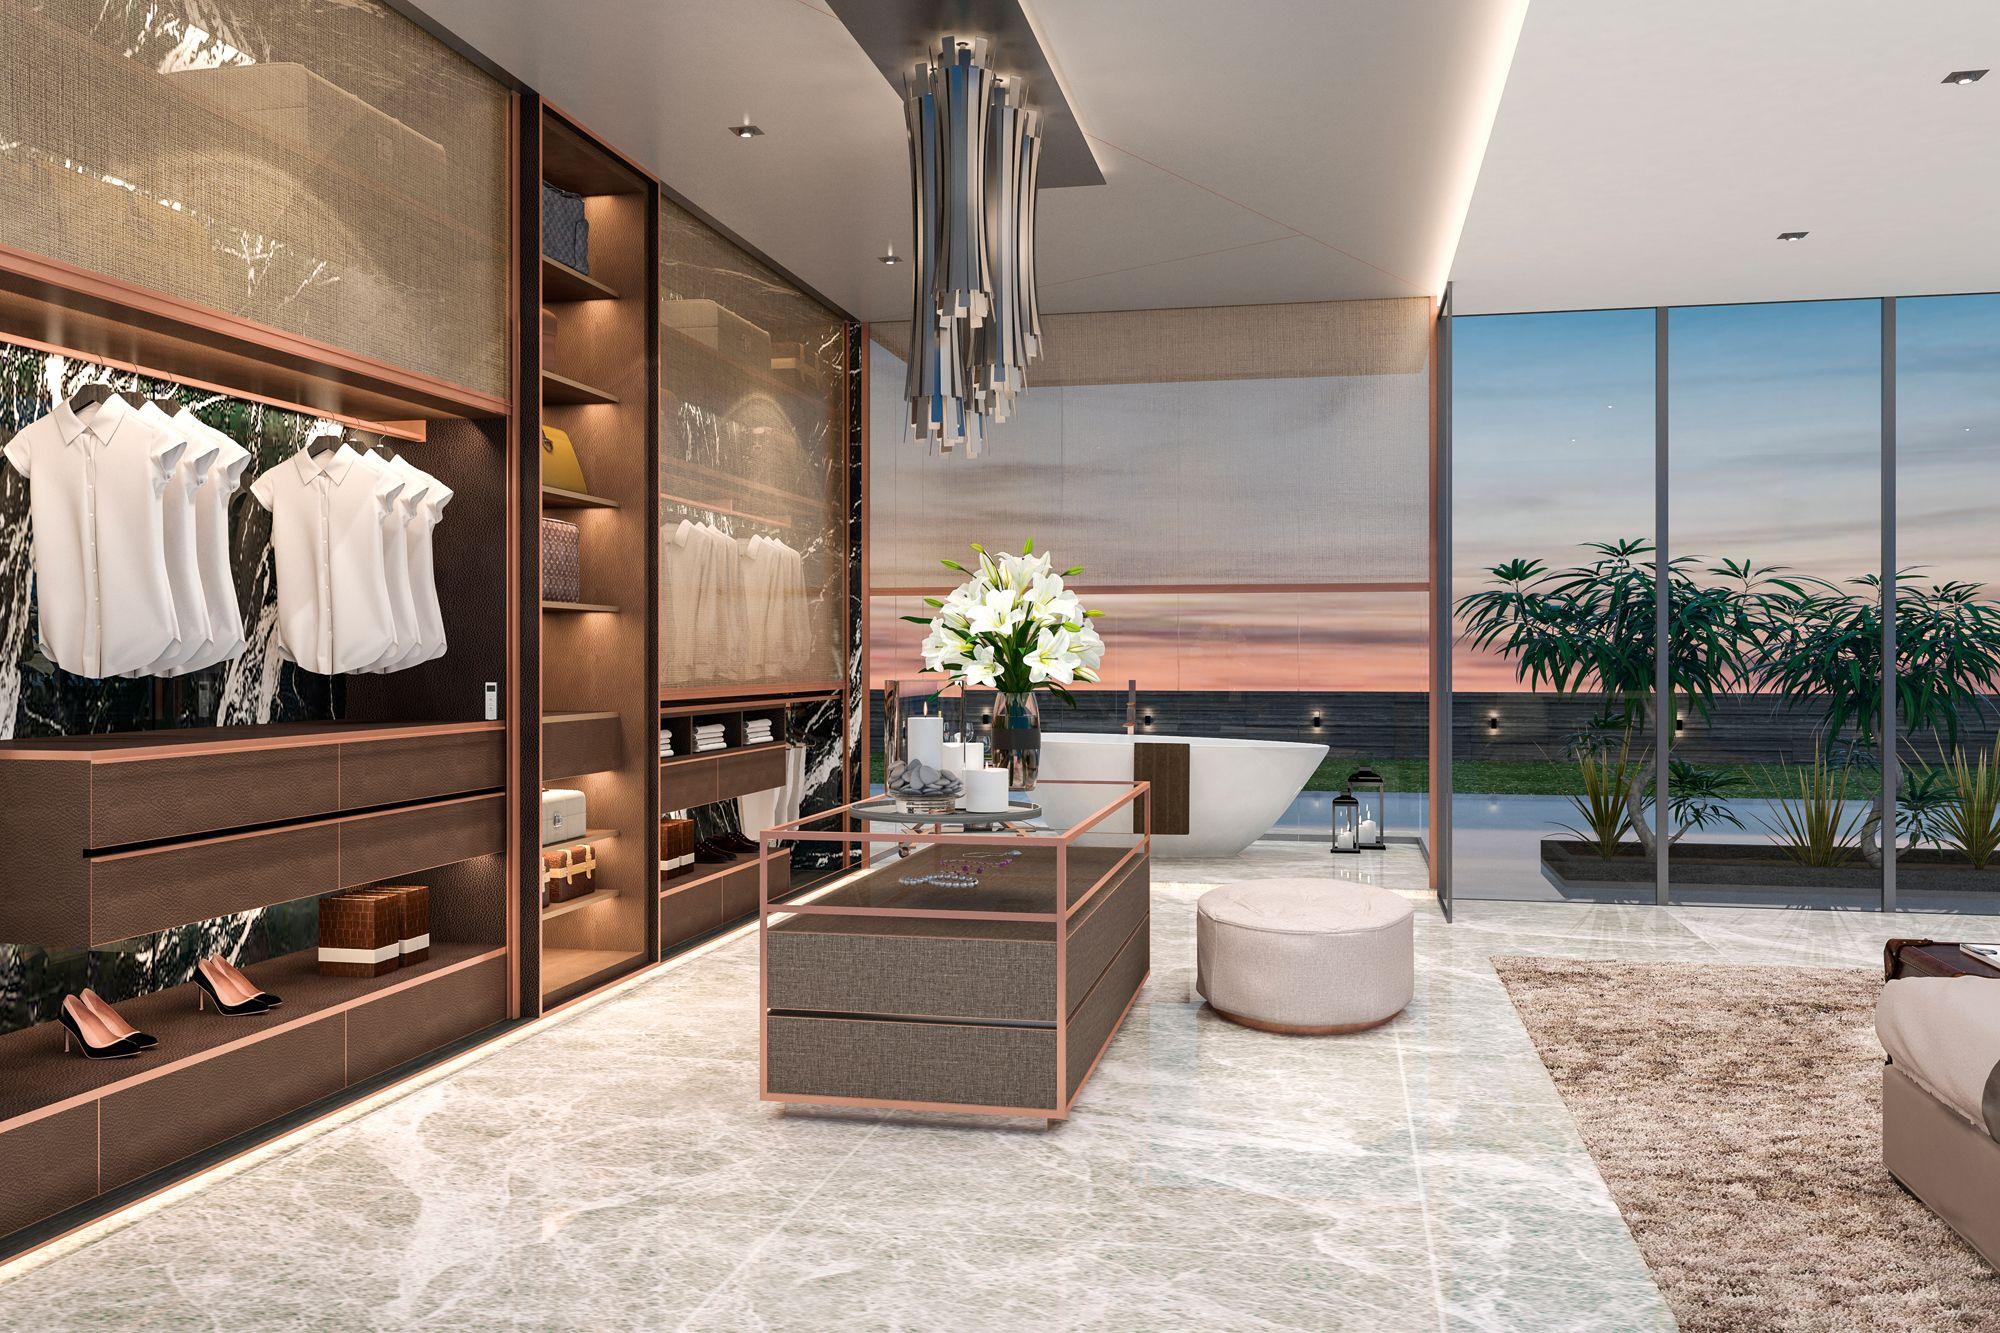 Conçu par HYID, ce concept de chambre à coucher utilise le système de stores intérieurs Ziptrak comme portes de garde-robe et écrans d'intimité dans la salle de bain